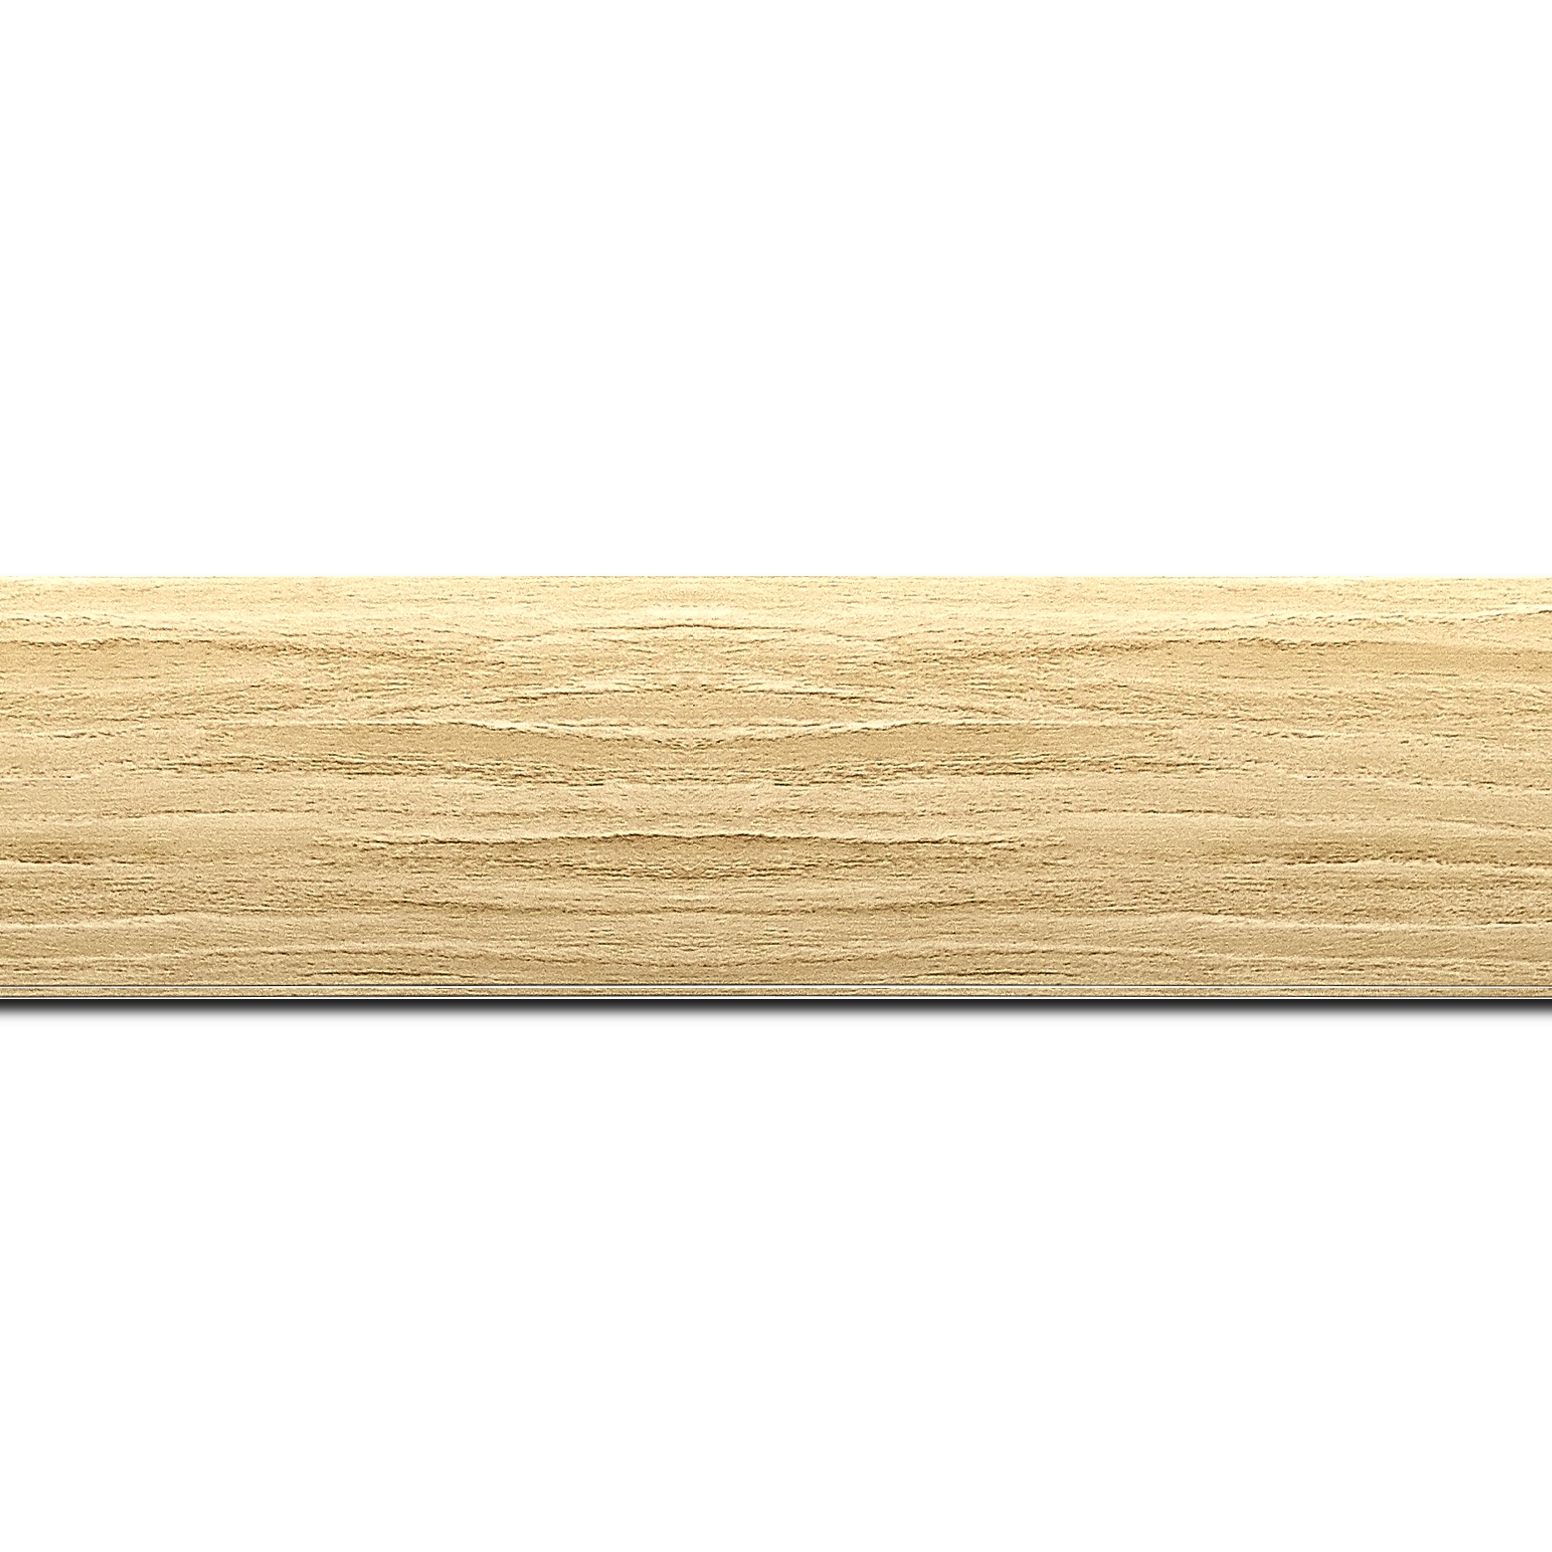 Baguette longueur 1.40m bois profil plat largeur 4.2cm décor bois naturel